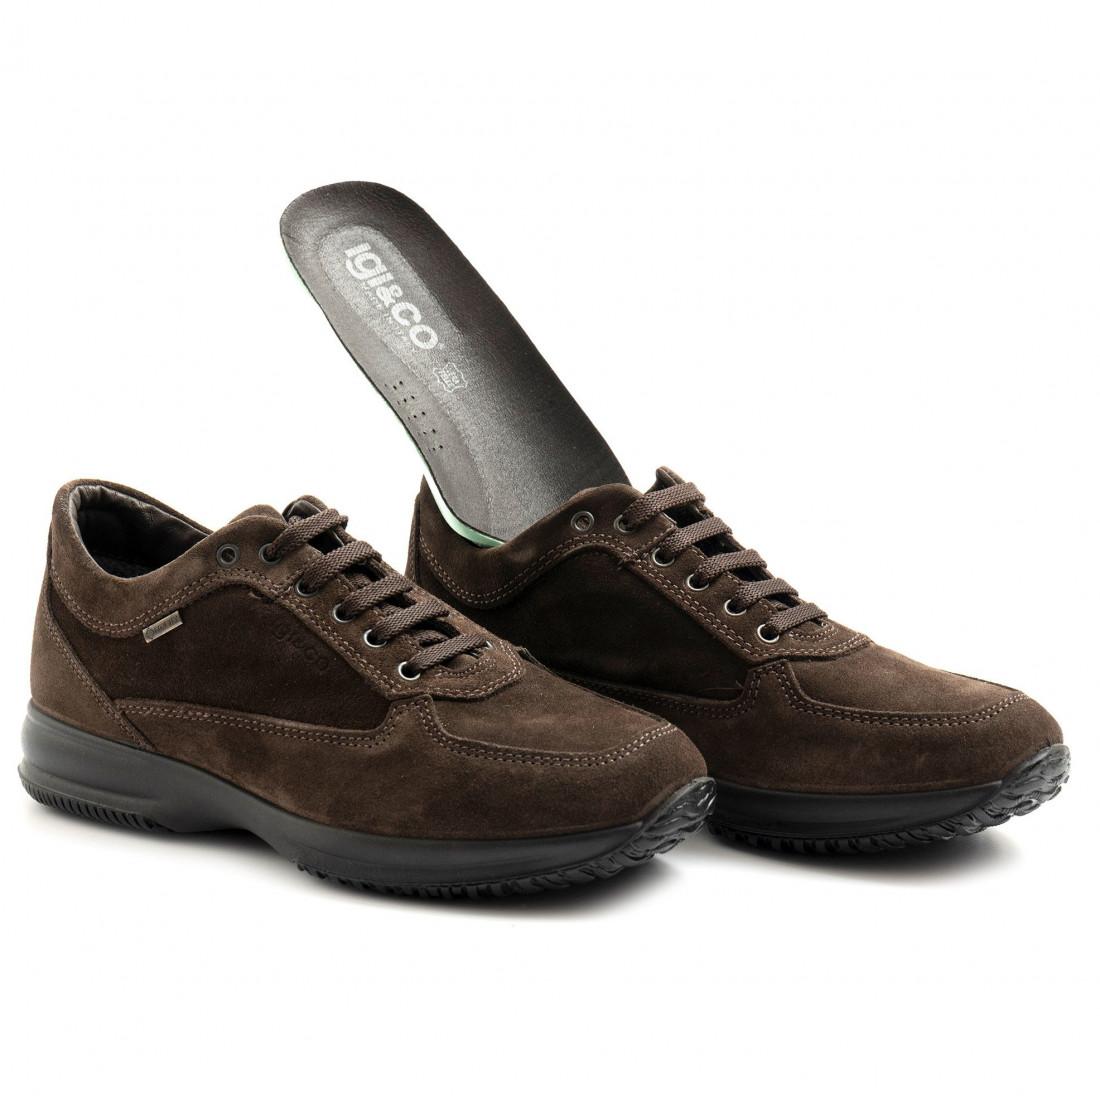 sneakers man igico trav time6117244 8037